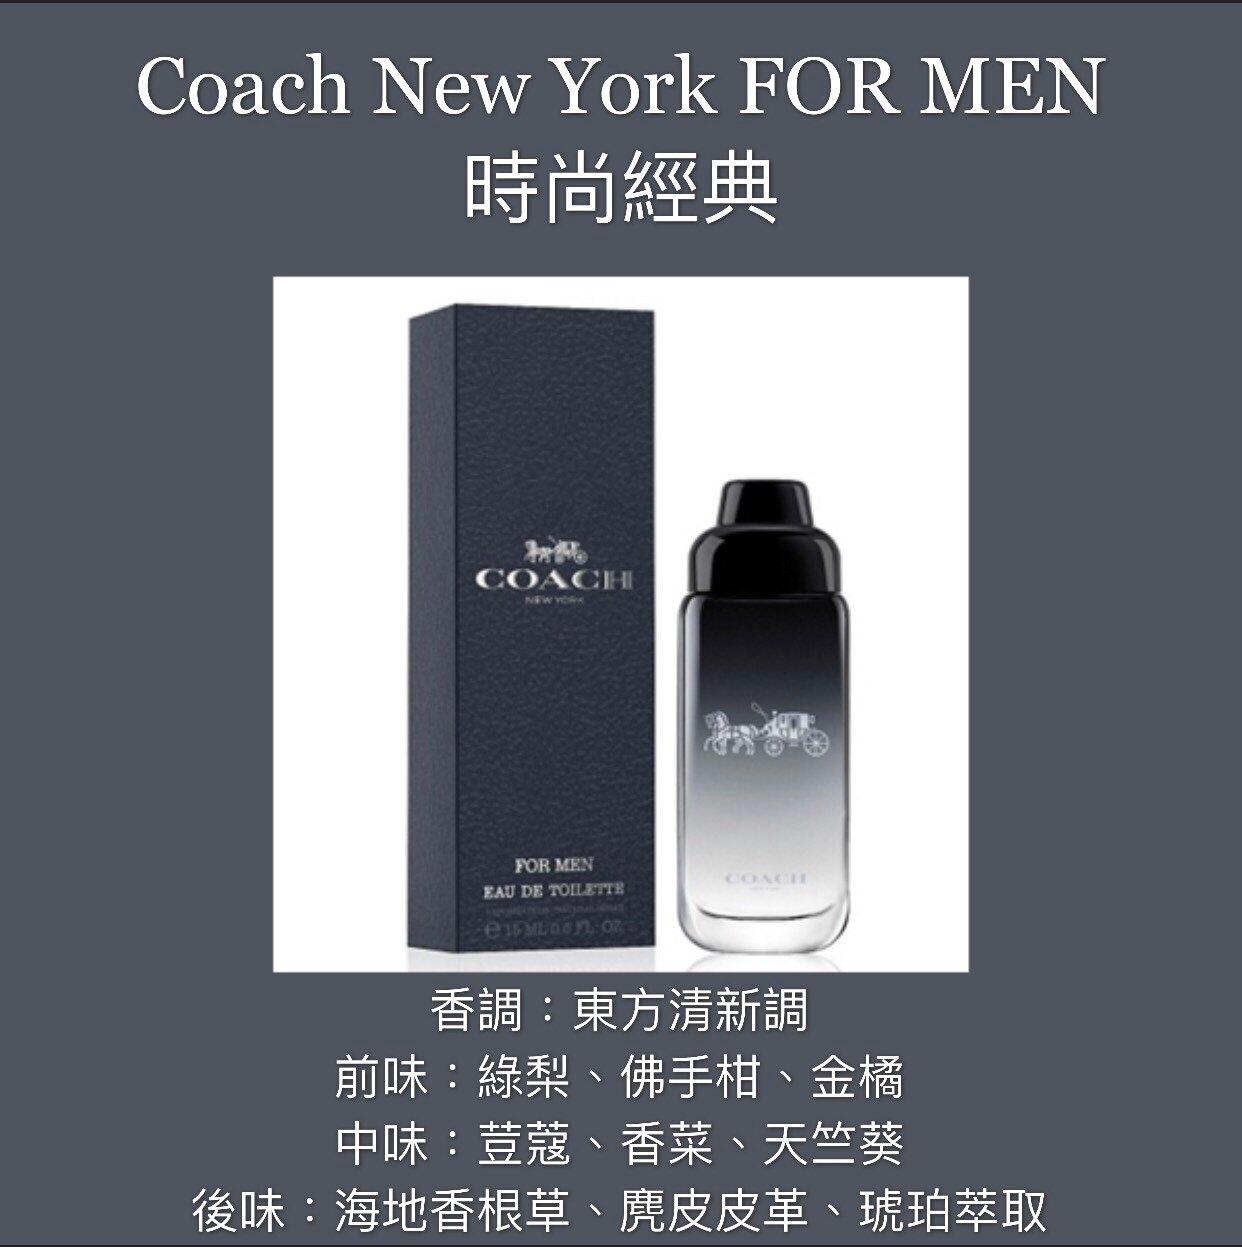 【香舍】Coach New York FOR MEN 時尚經典 男性淡香水 15ML 小香